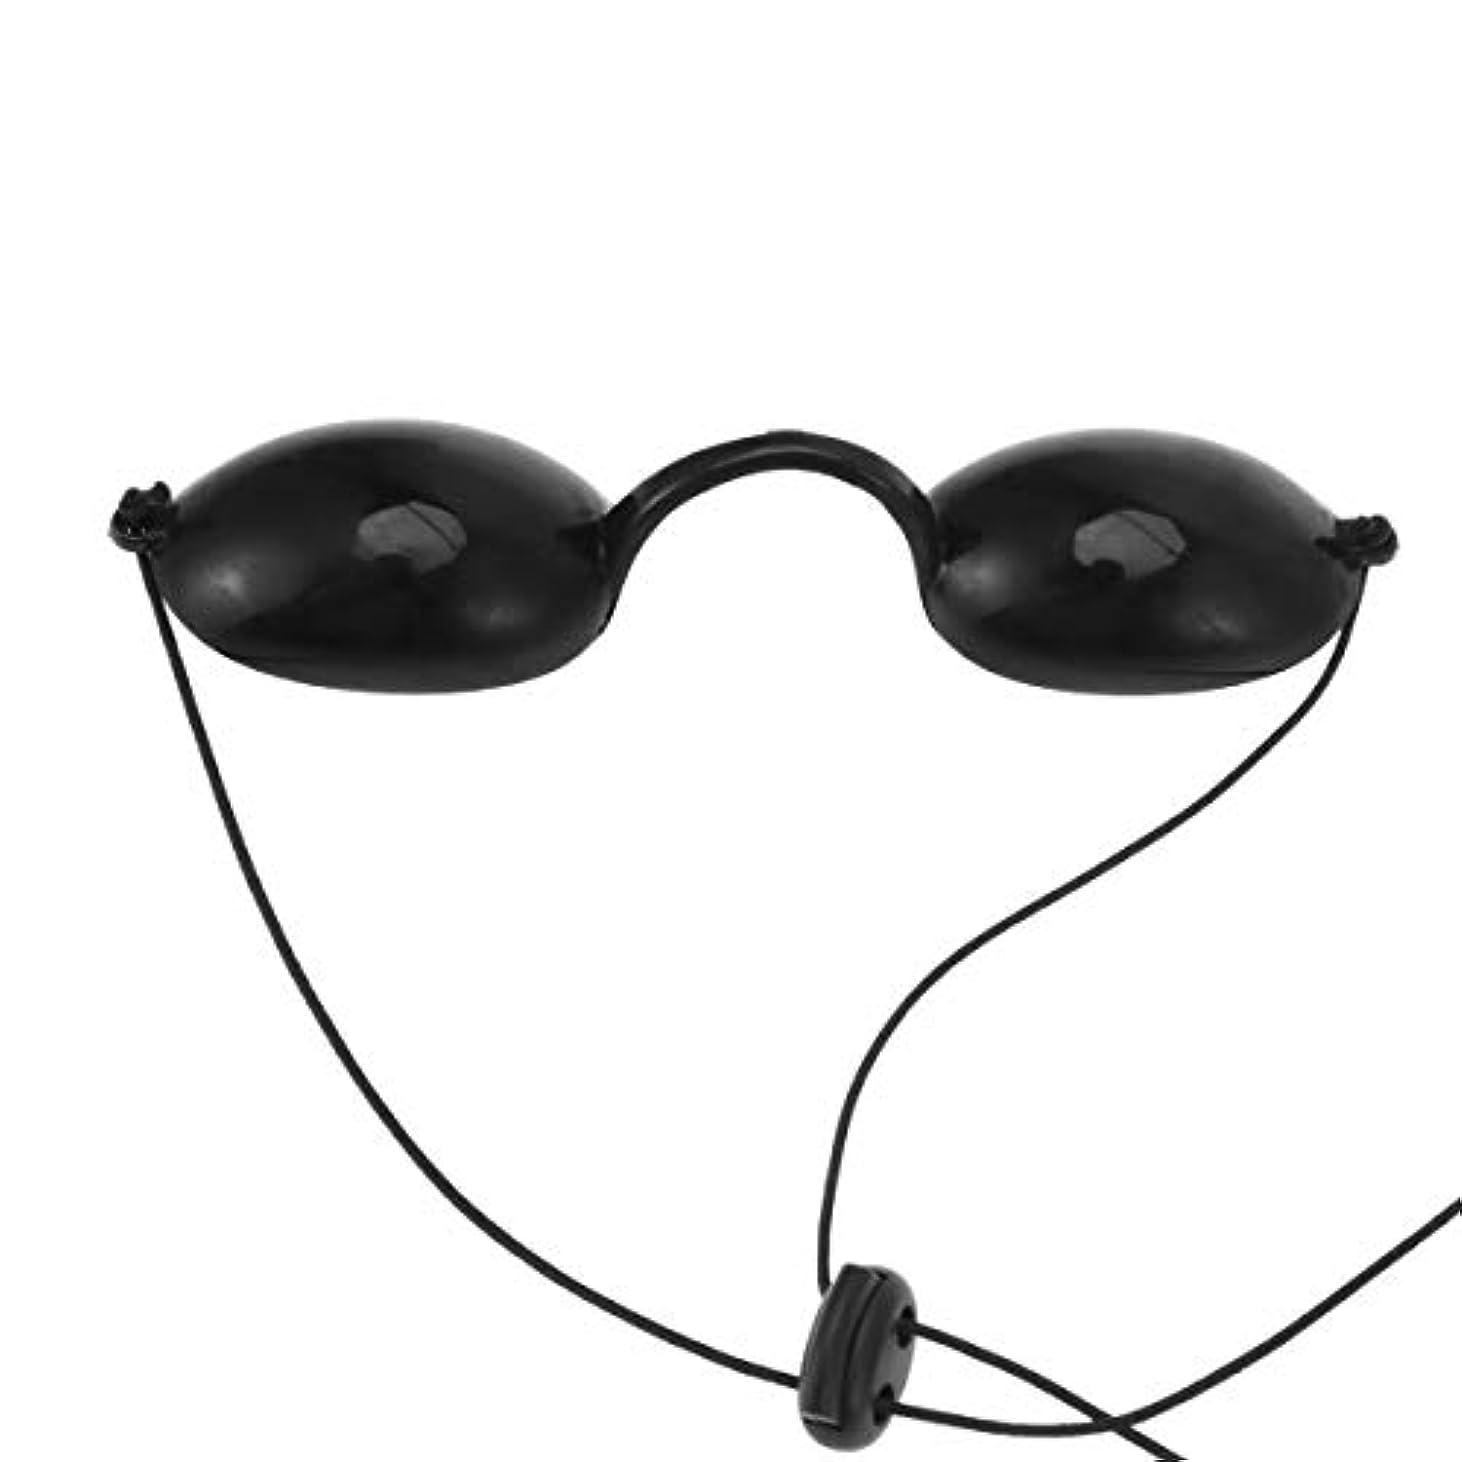 野心的ヘア控えるSUPVOX成人日焼けゴーグルUVプロテクションアイパッチライトセラピーメガネアイカラー(ブラック)